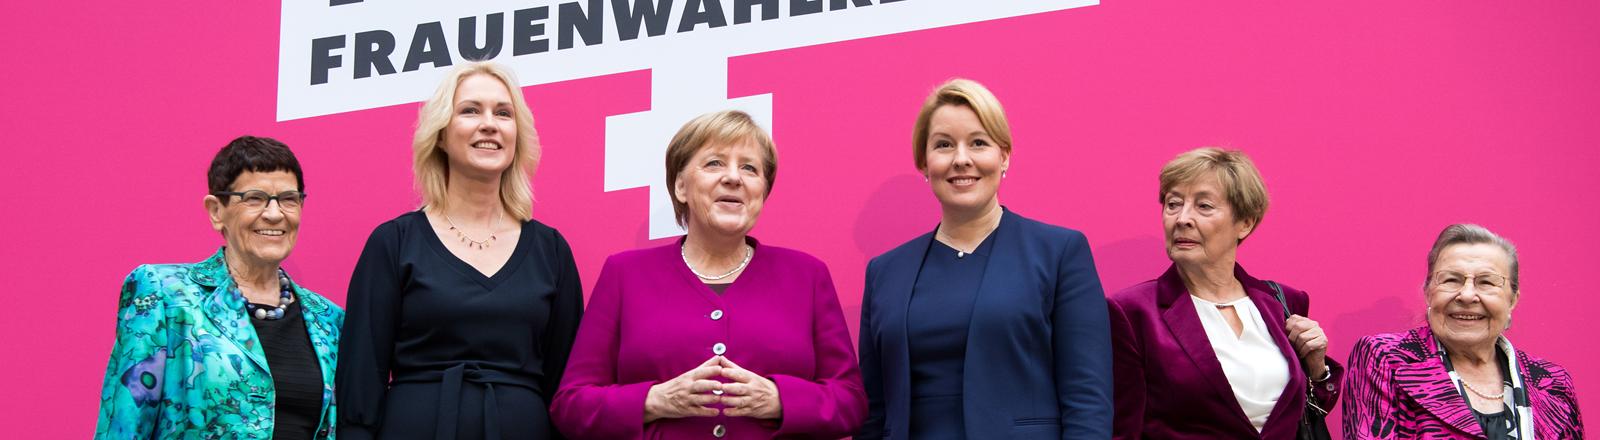 Bundeskanzlerin Angela Merkel (3.v.l, CDU) steht bei einem Fototermin vor dem Festakt zu 100 Jahre Frauenwahlrecht im Deutschen Historischen Museum mit Rita Süssmuth (CDU, l-r), der ehemaligen Bundestagspräsidentin, Manuela Schwesig (SPD), Ministerpräsidentin von Mecklenburg-Vorpommern, Franziska Giffey (SPD), Bundesfamilienministerin, Christine Bergmann (SPD), ehemalige Ministerin für Familie, Senioren, Frauen und Jugend, und Ursula Lehr (SPD), ehemalige Bundesministerin, zusammen.